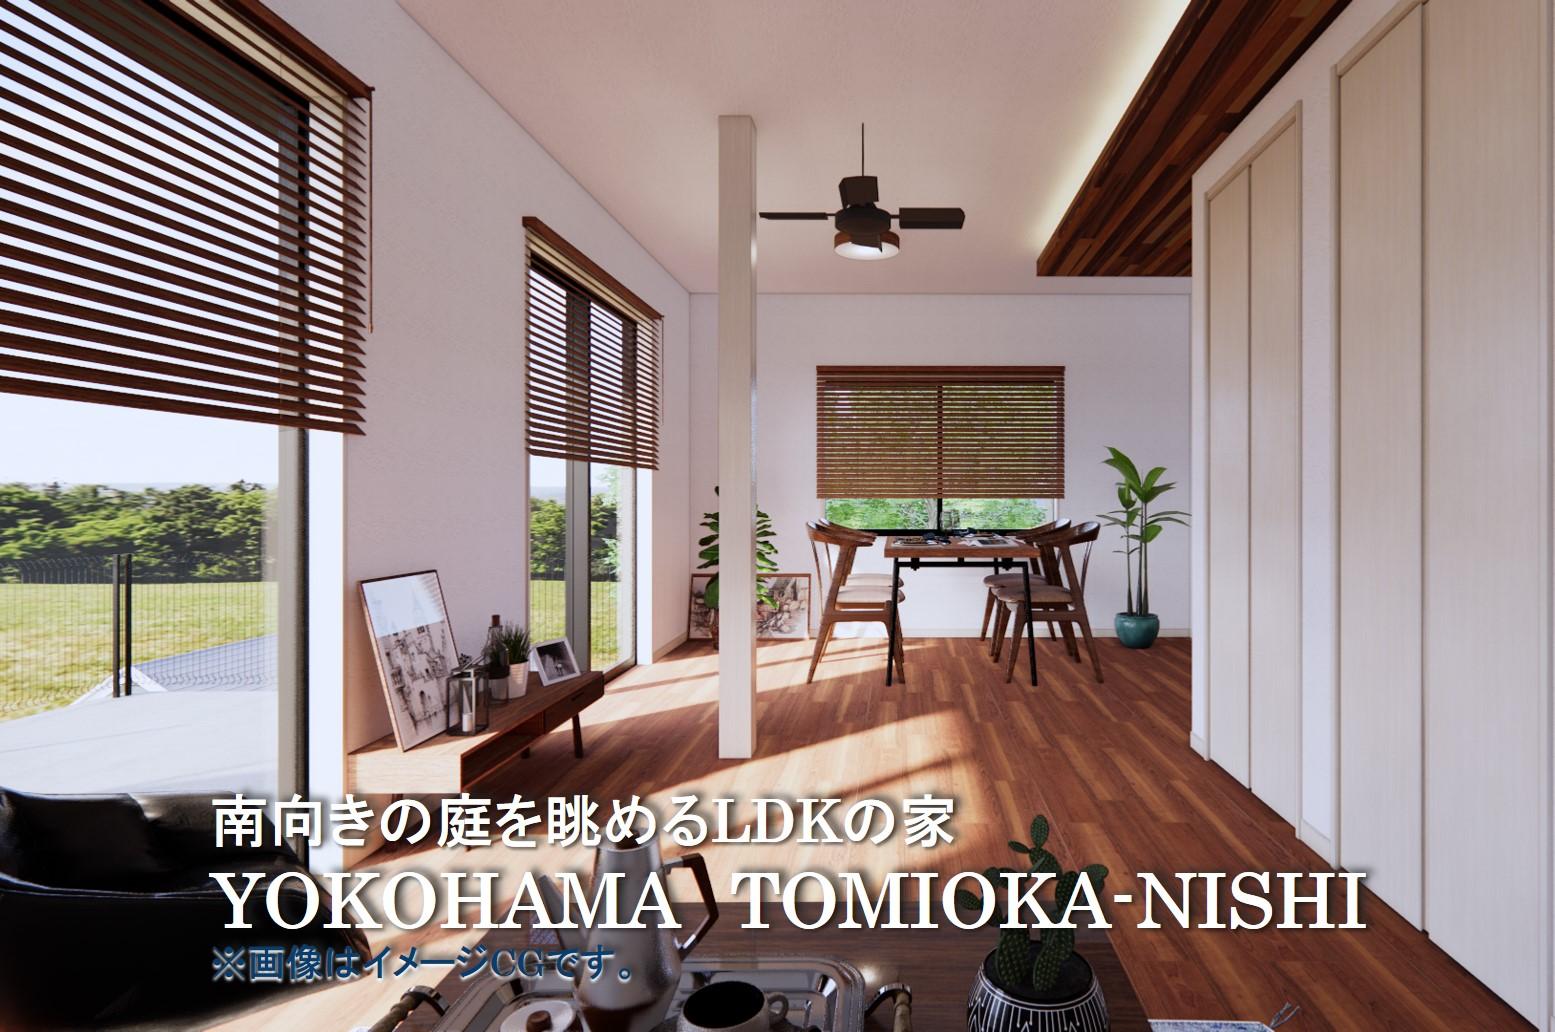 南向きの庭を眺めるLDKの家|YOKOHAMA TOMIOKA-NISHI